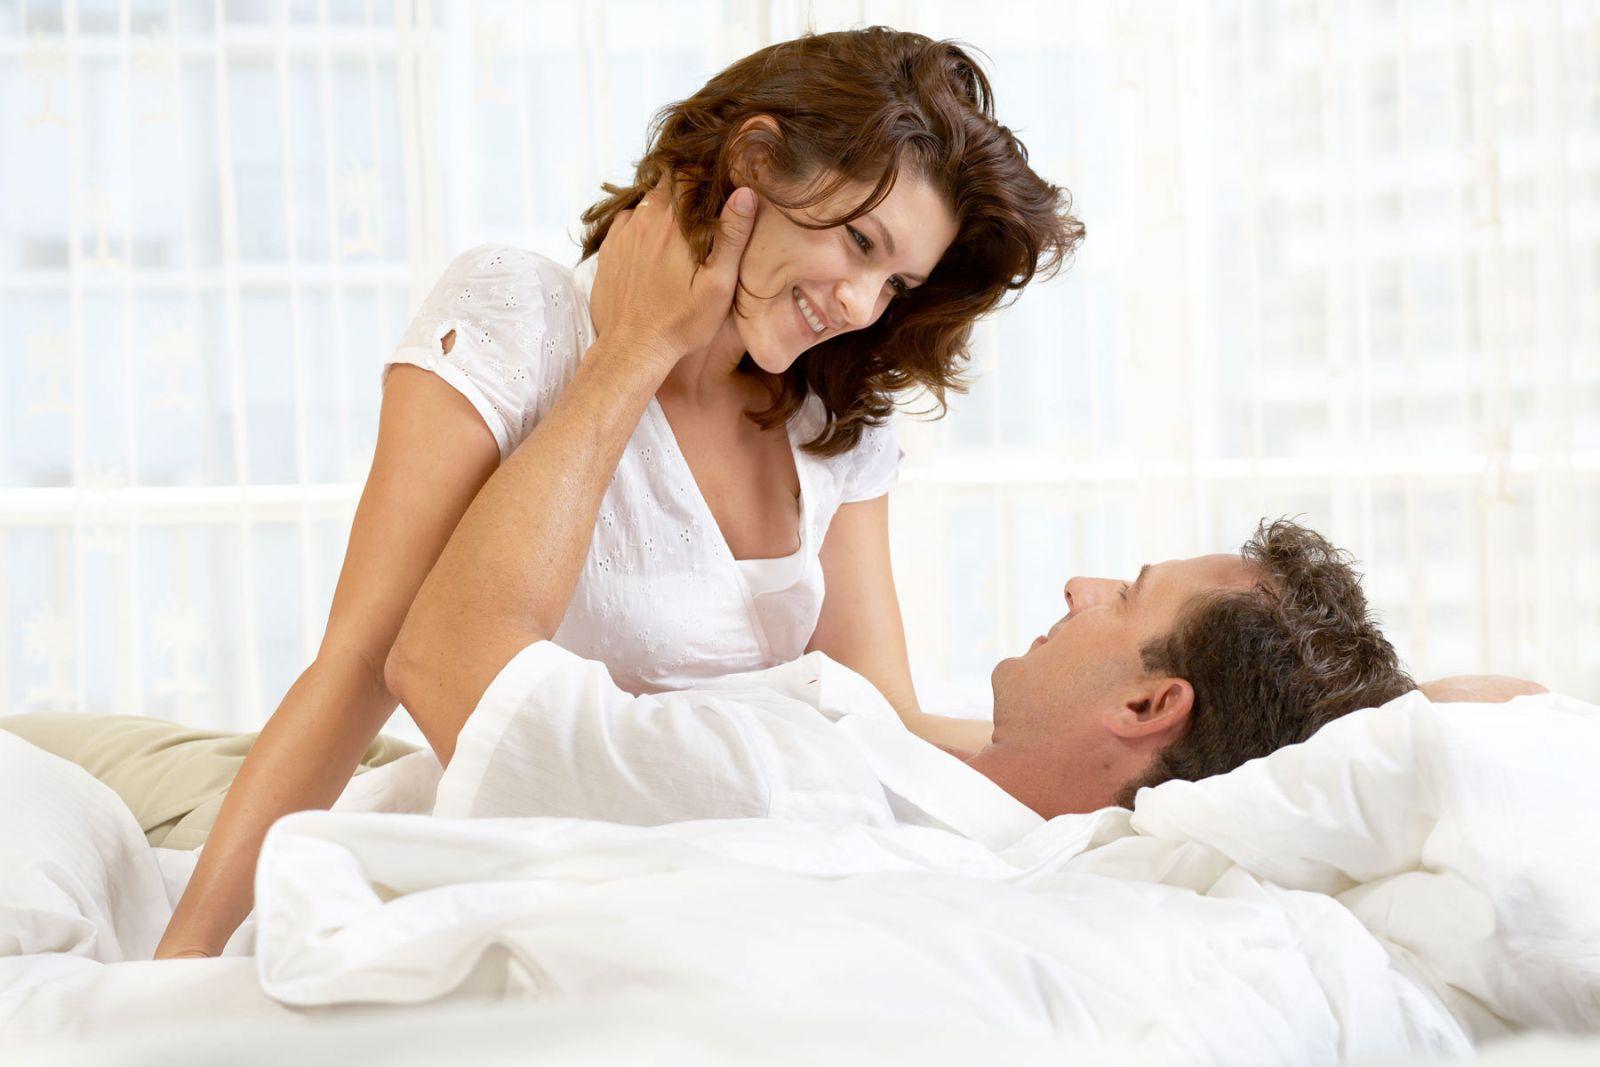 Можно ли забеременеть от предсеменной жидкости или смазки